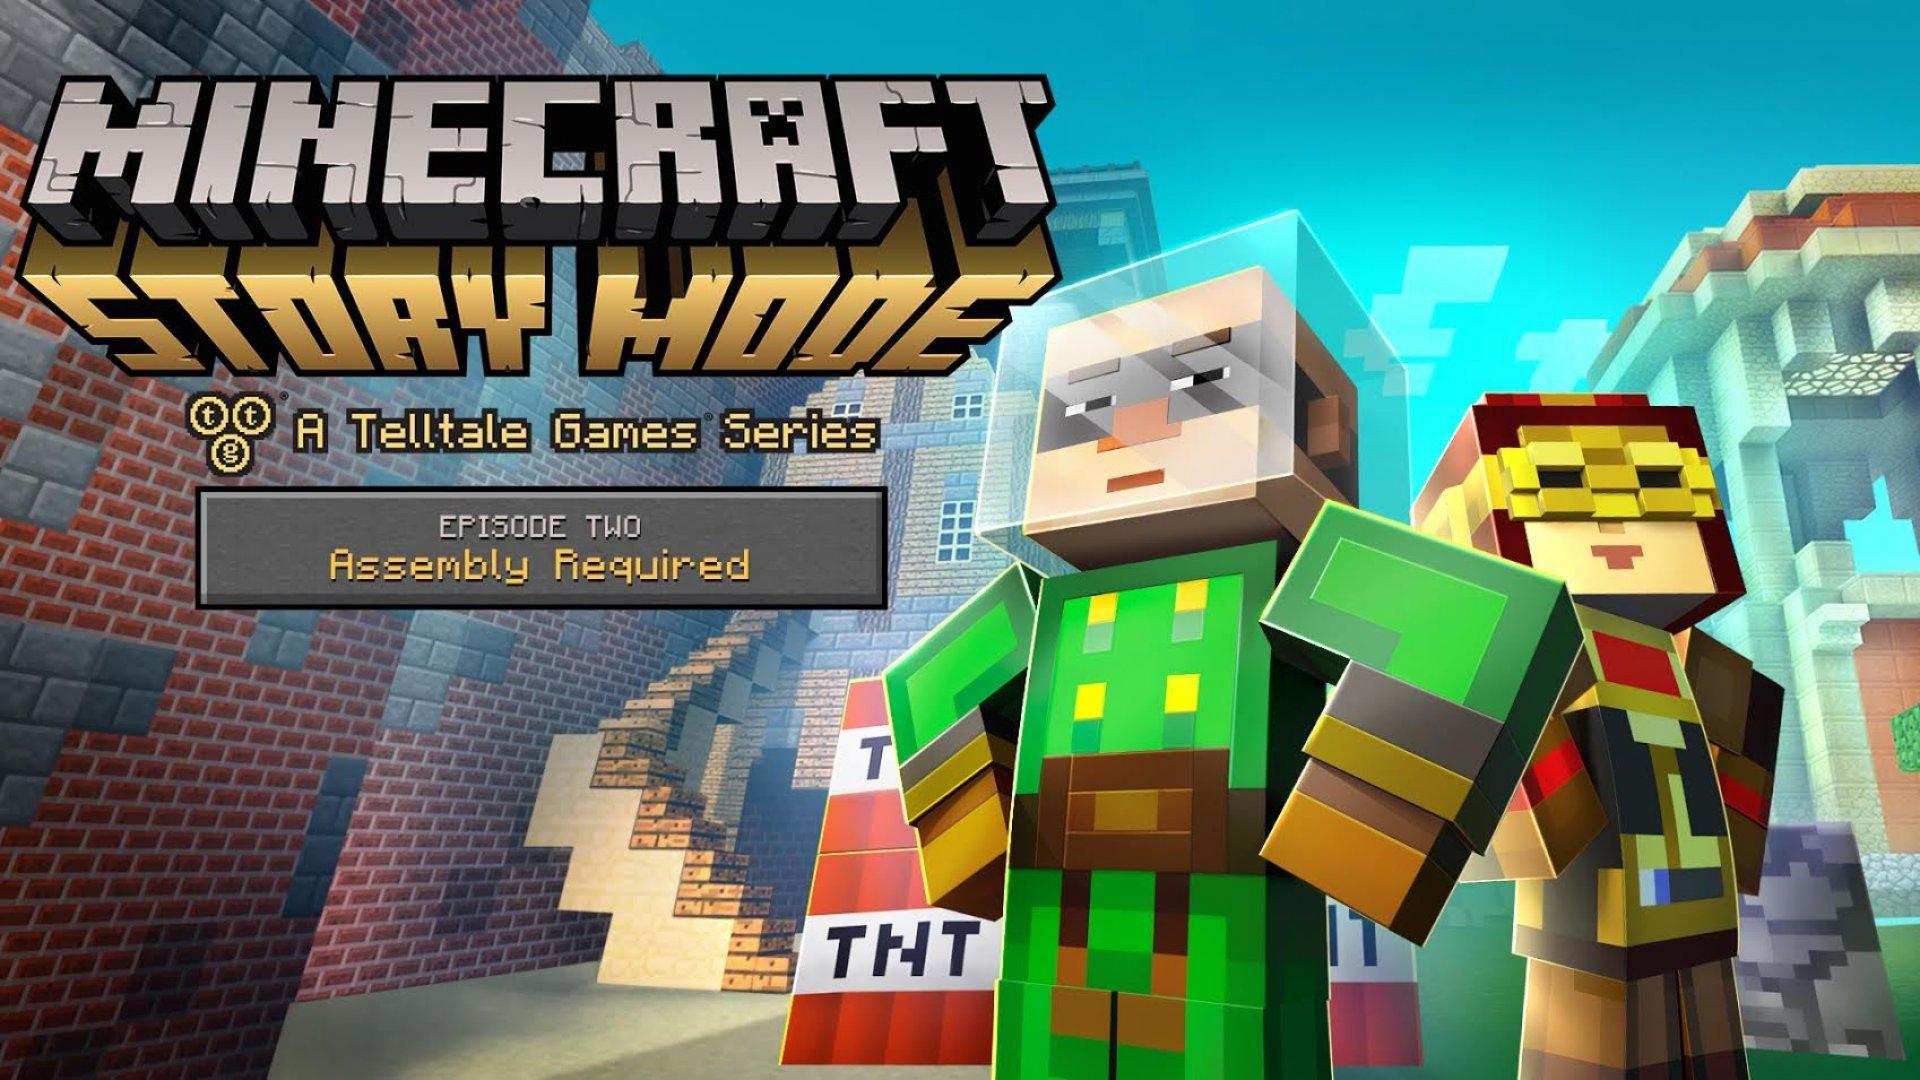 скачать второй эпизод minecraft story mode для андроид